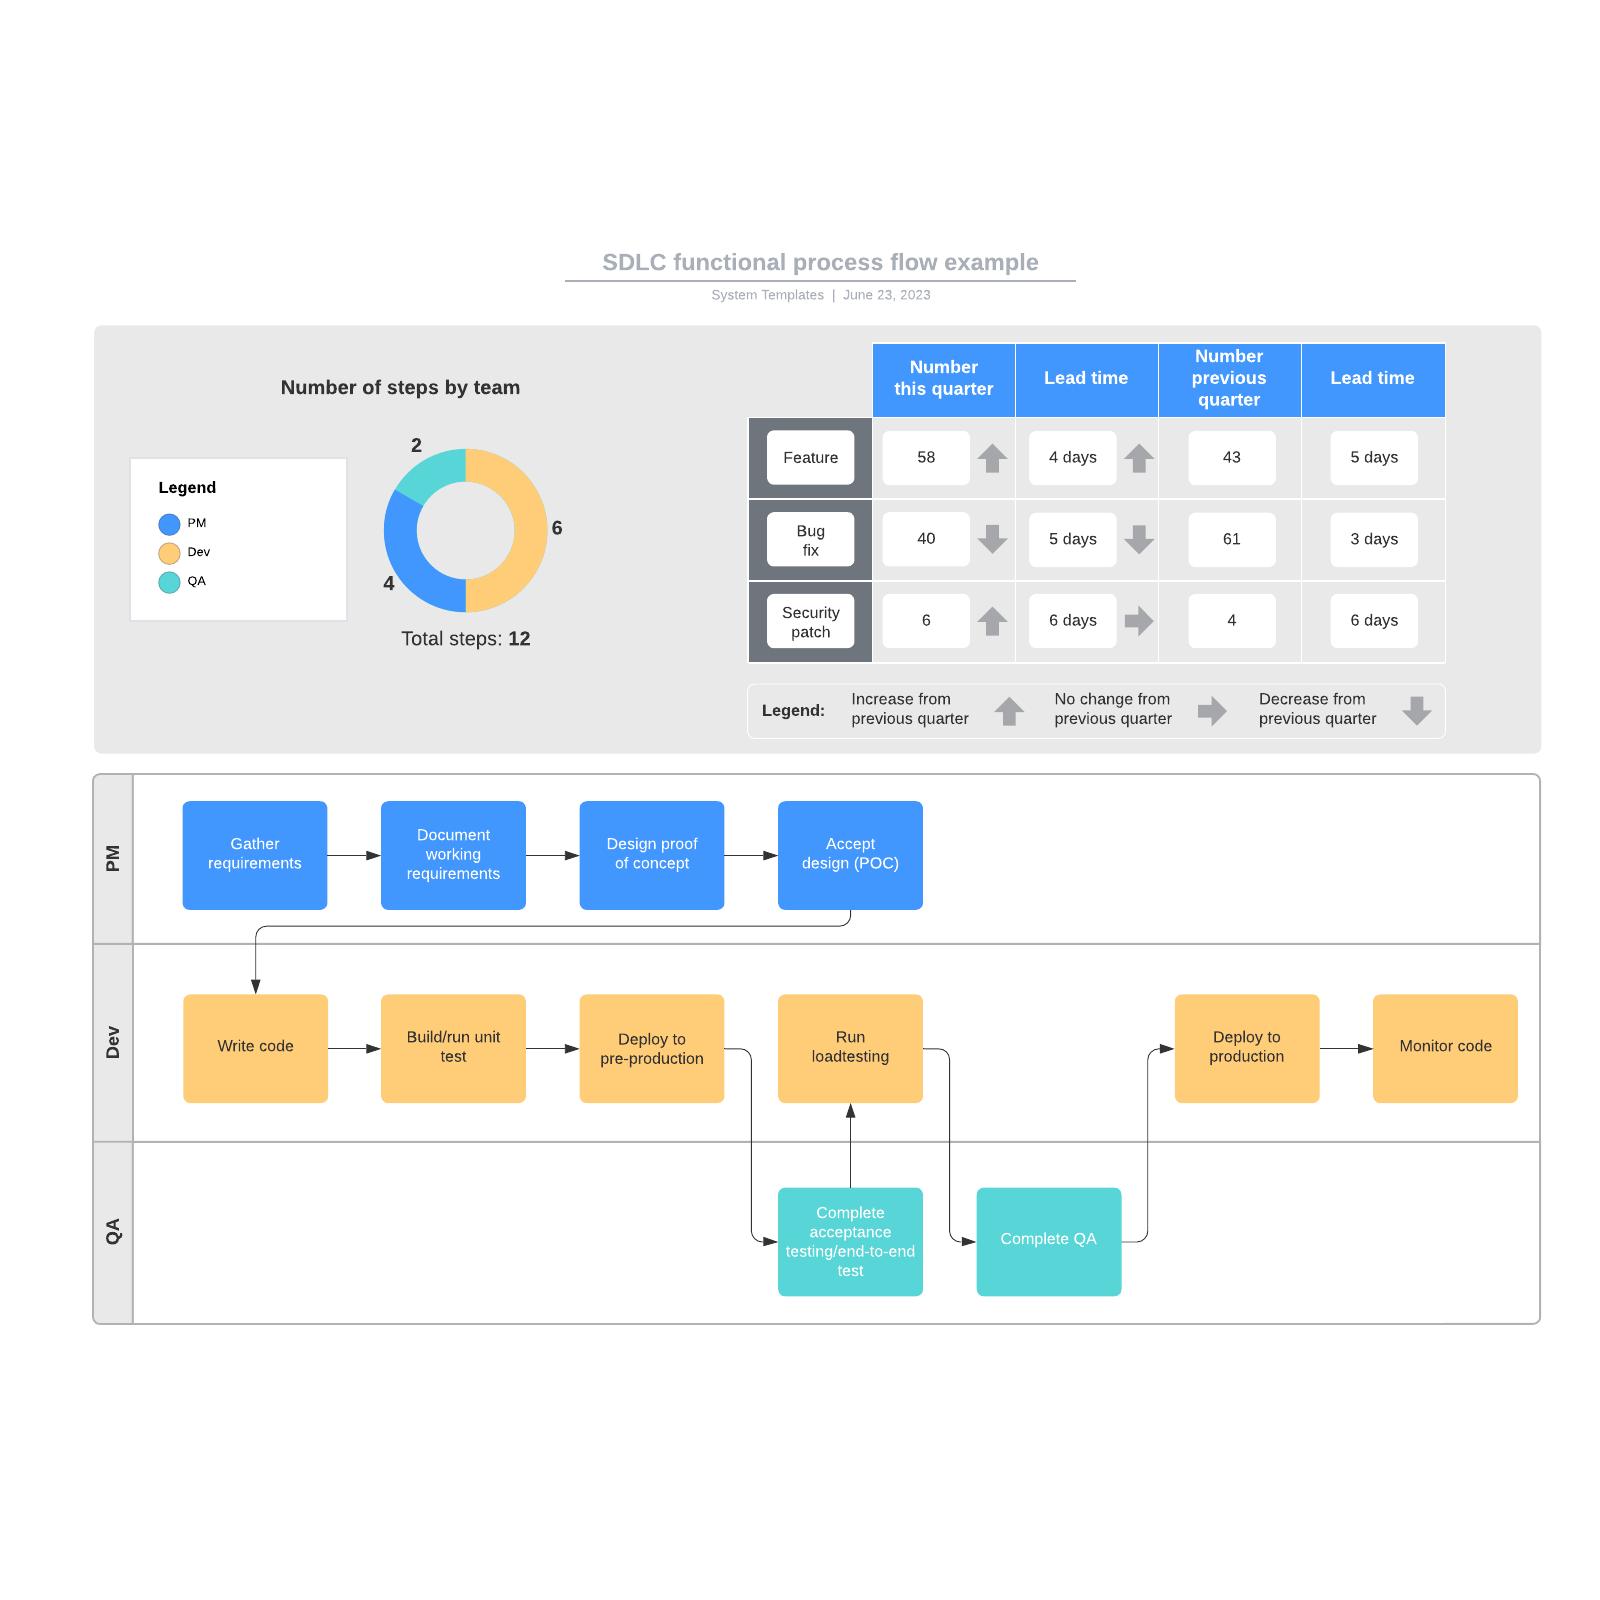 SDLC functional process flow example